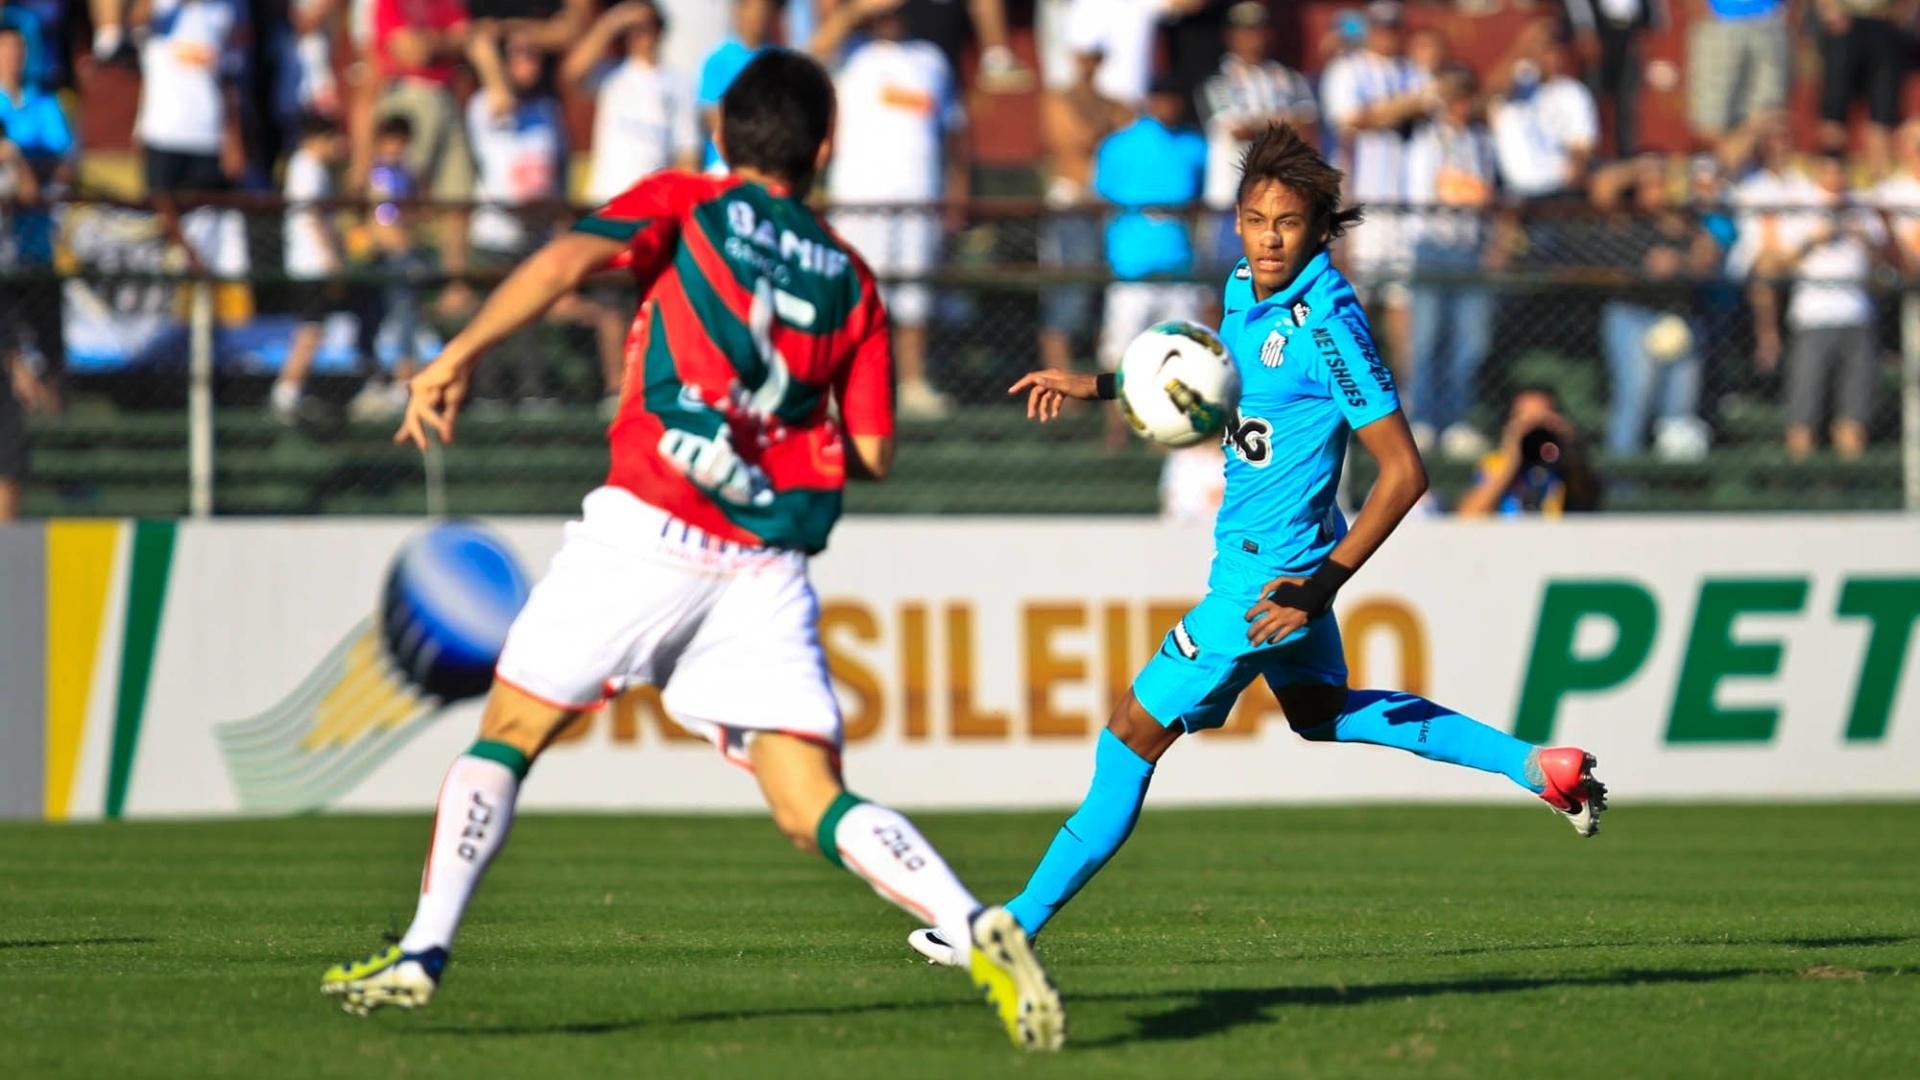 Neymar tenta domínio da bola observado por Lima, zagueiro da Portuguesa, em jogo no Canindé